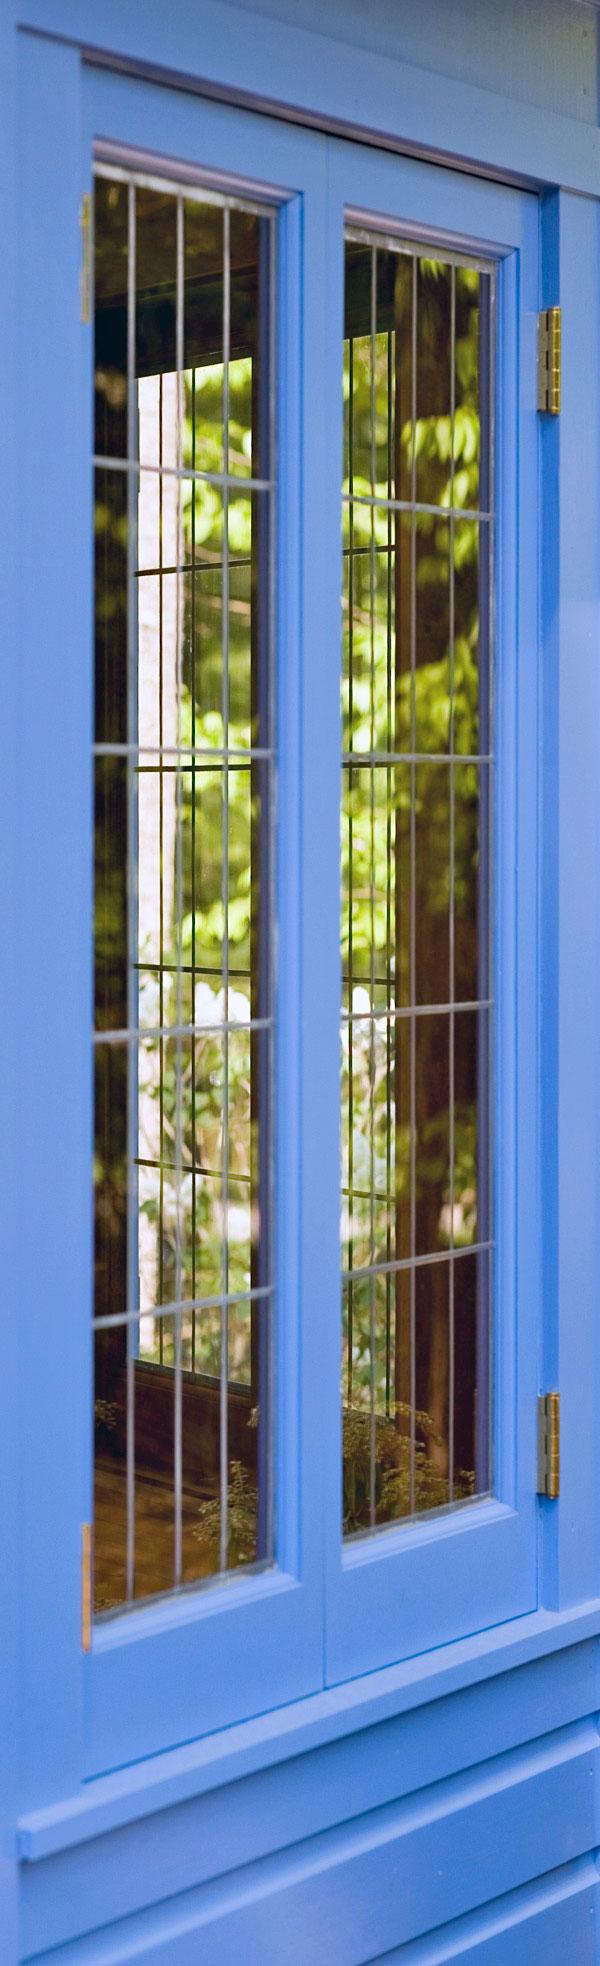 Stephen Sullivan Custom Home Builders Stephen Sullivan Custom Home Builders - Westfield Entry